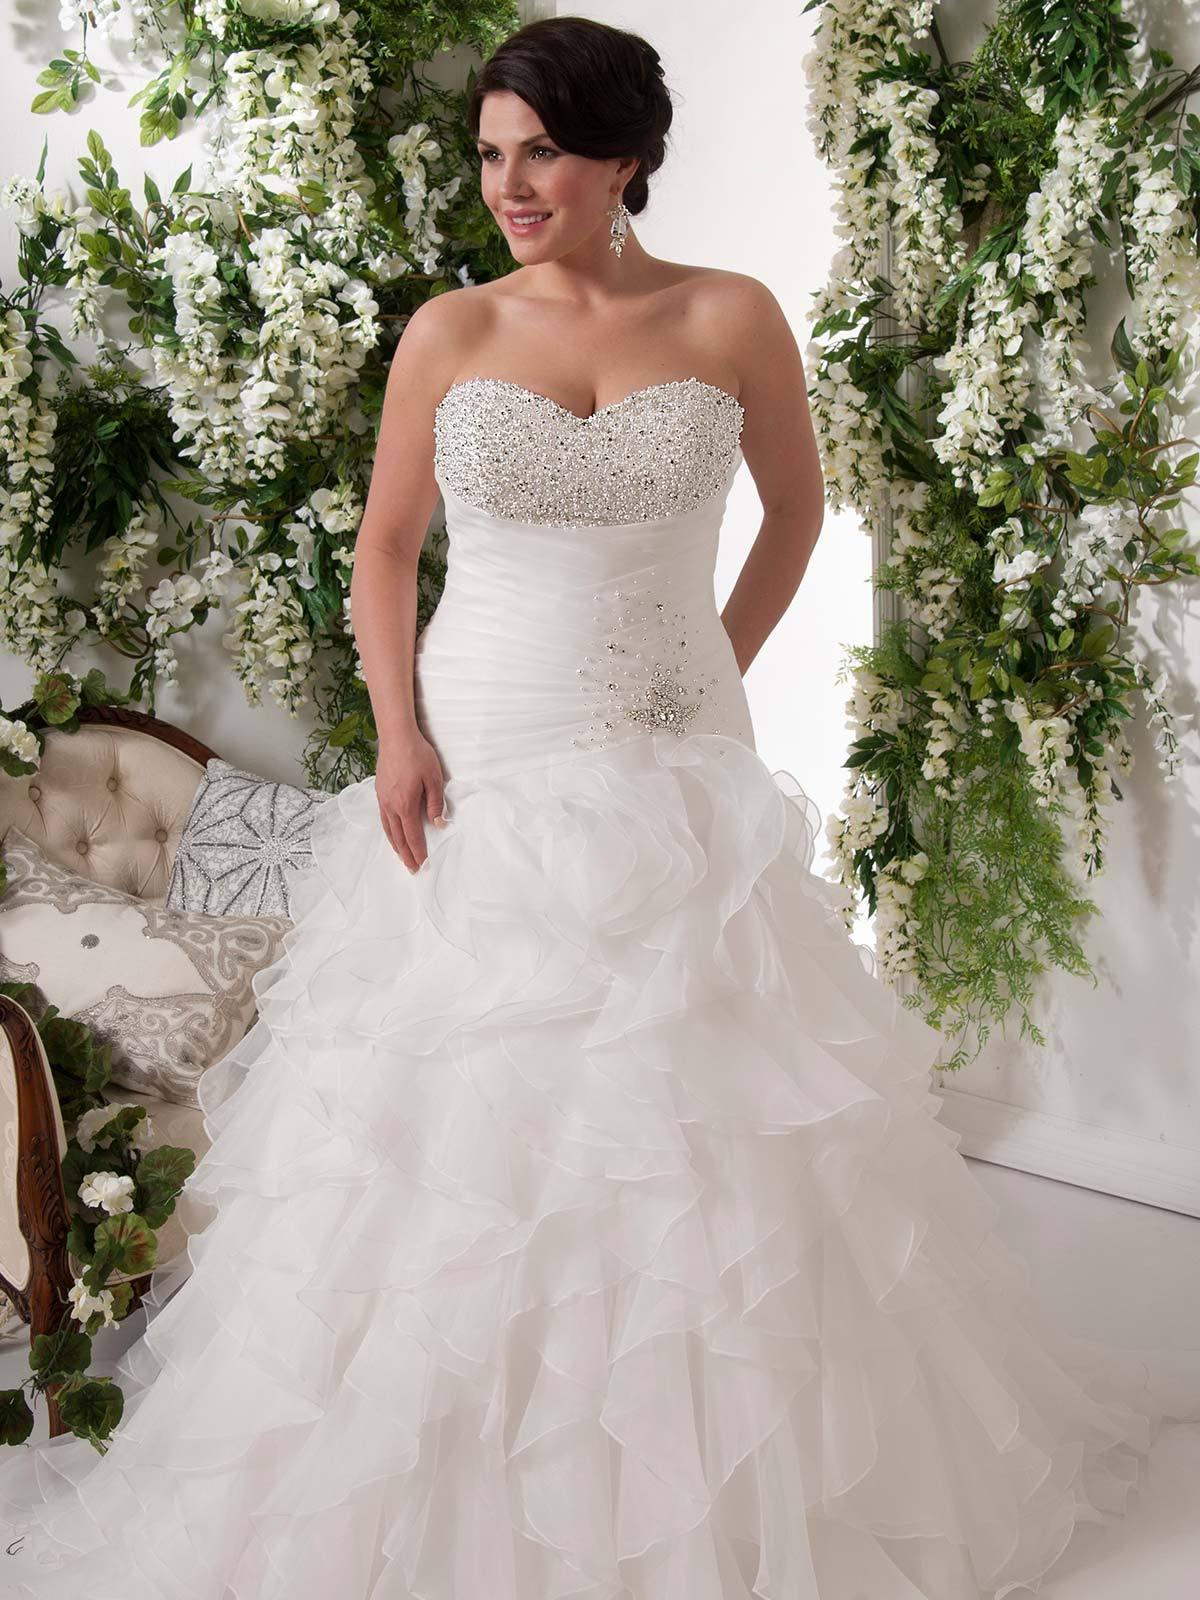 Fein Hawaii Brautkleid Zeitgenössisch - Hochzeit Kleid Stile Ideen ...